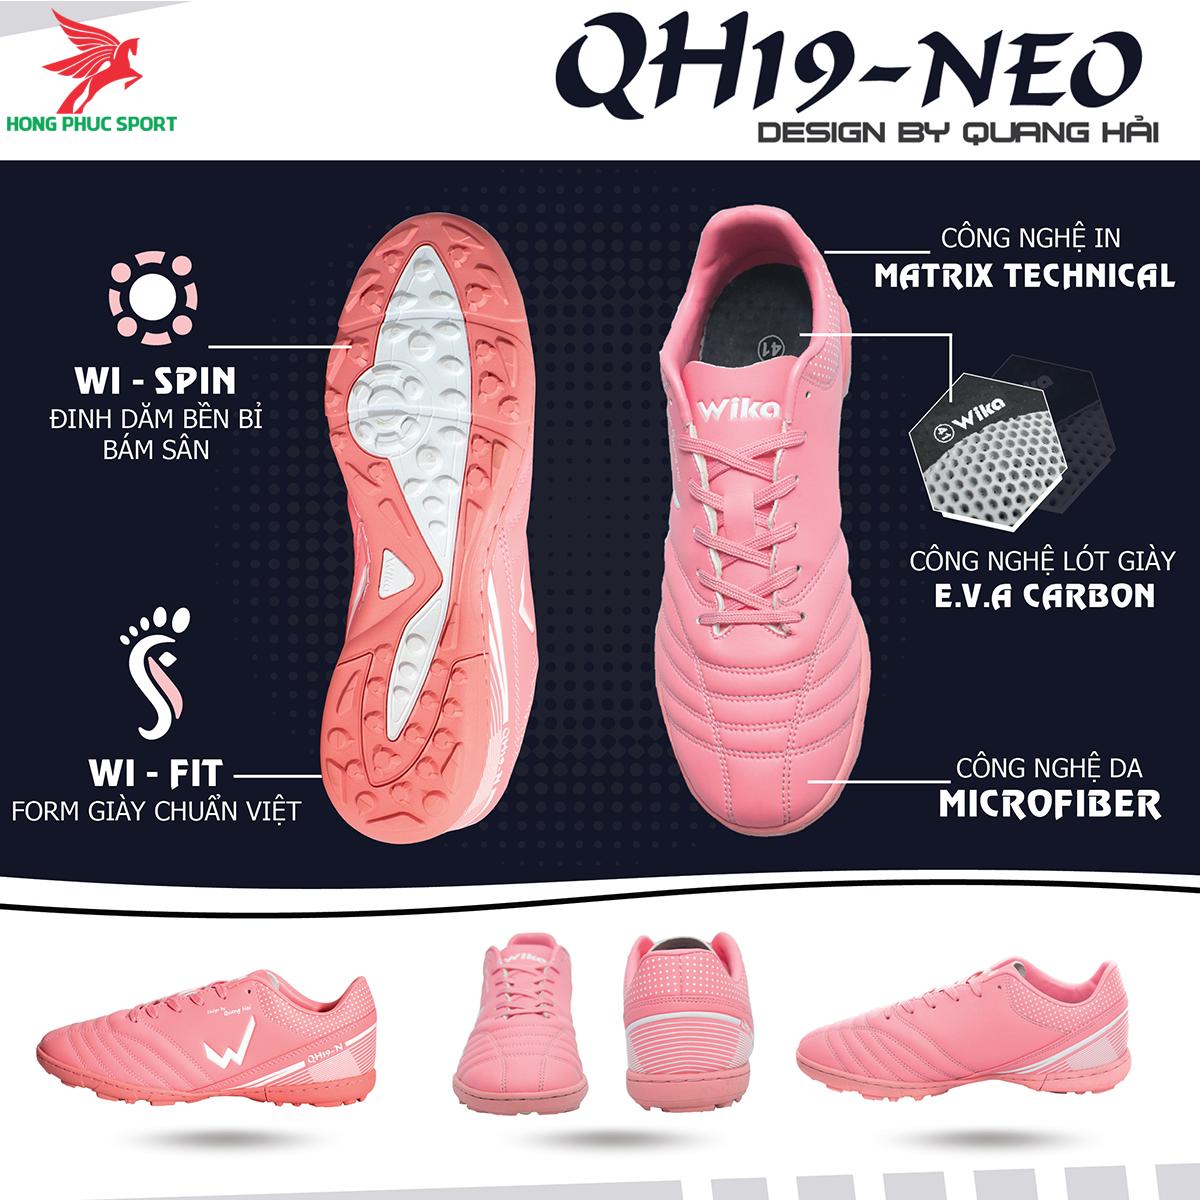 Giày đá banh Wika QH19 Neo sân cỏ nhân tạo màu Hồng (1)